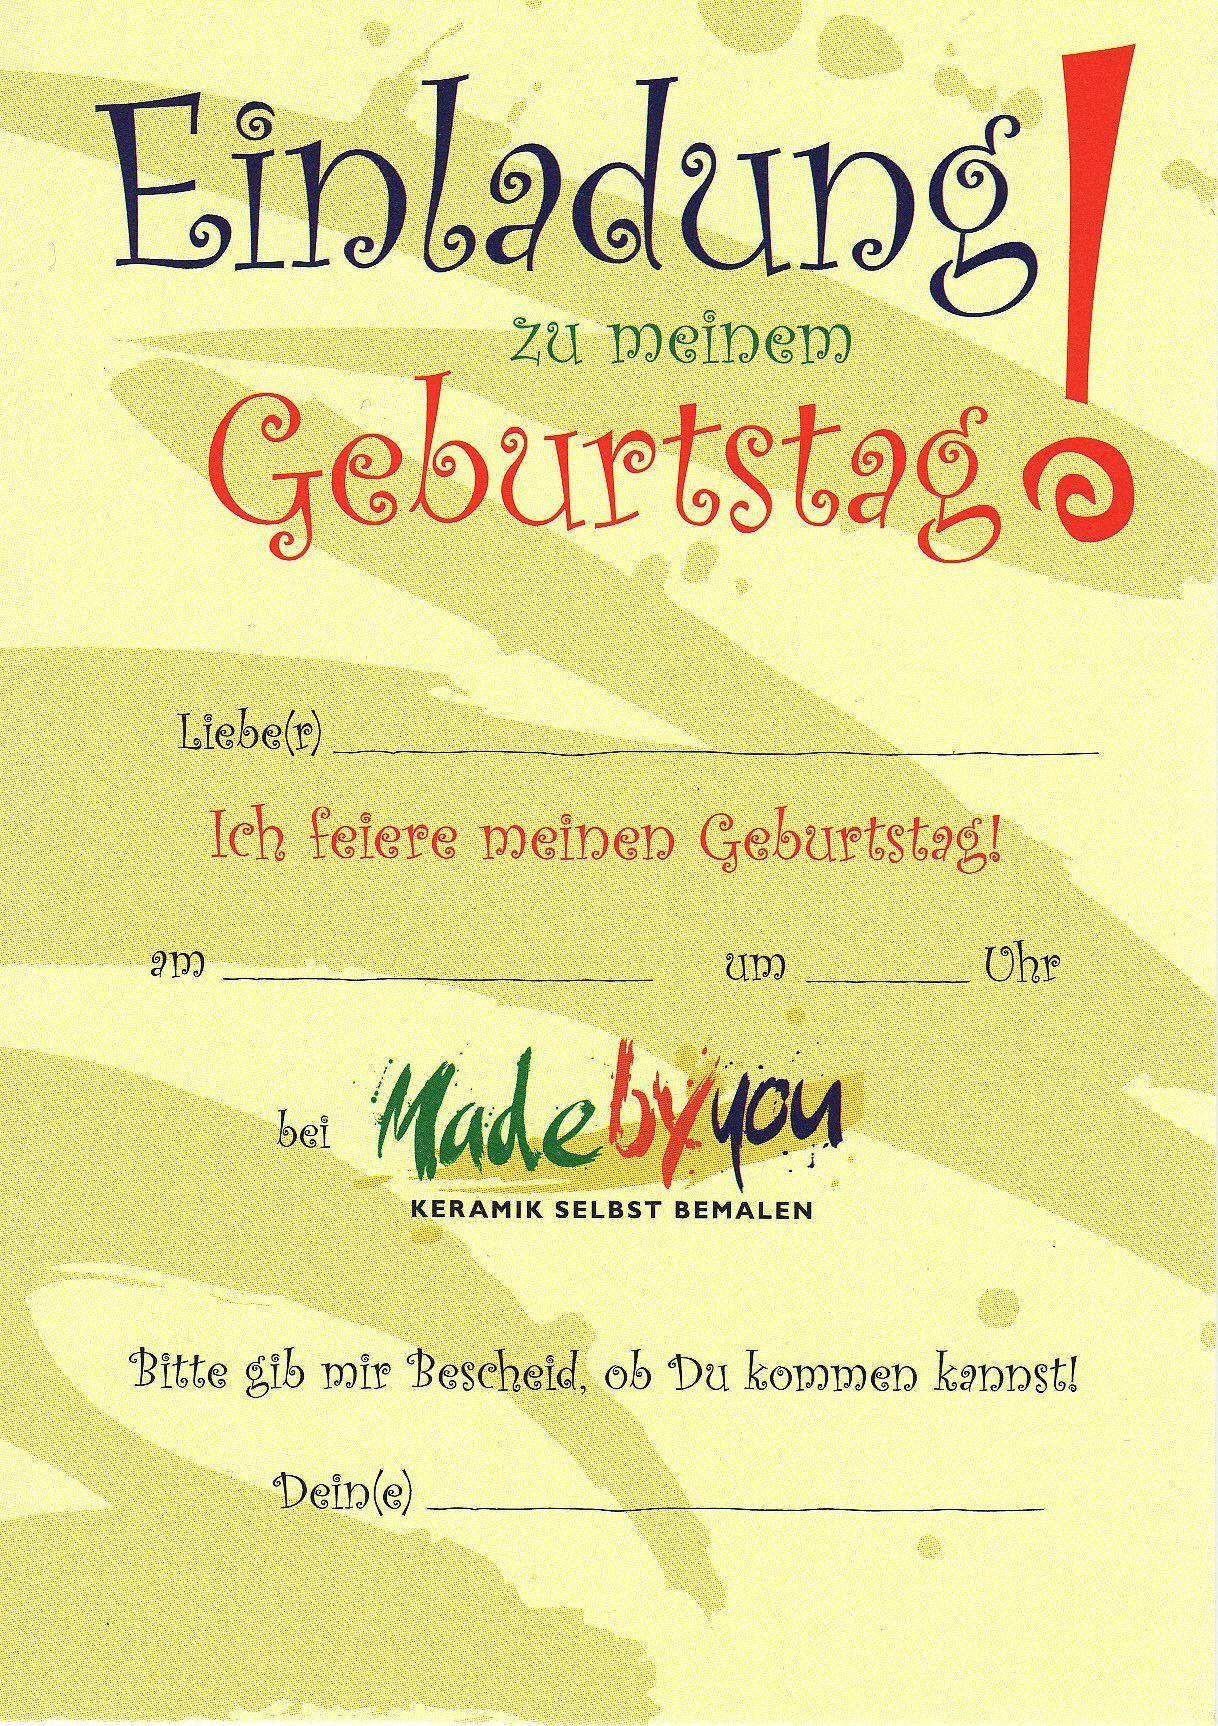 Einladungskarten drucken kindergeburtstag geburtstag einladungskarten geburtstag geburtstag - Einladungskarten kostenlos drucken ...